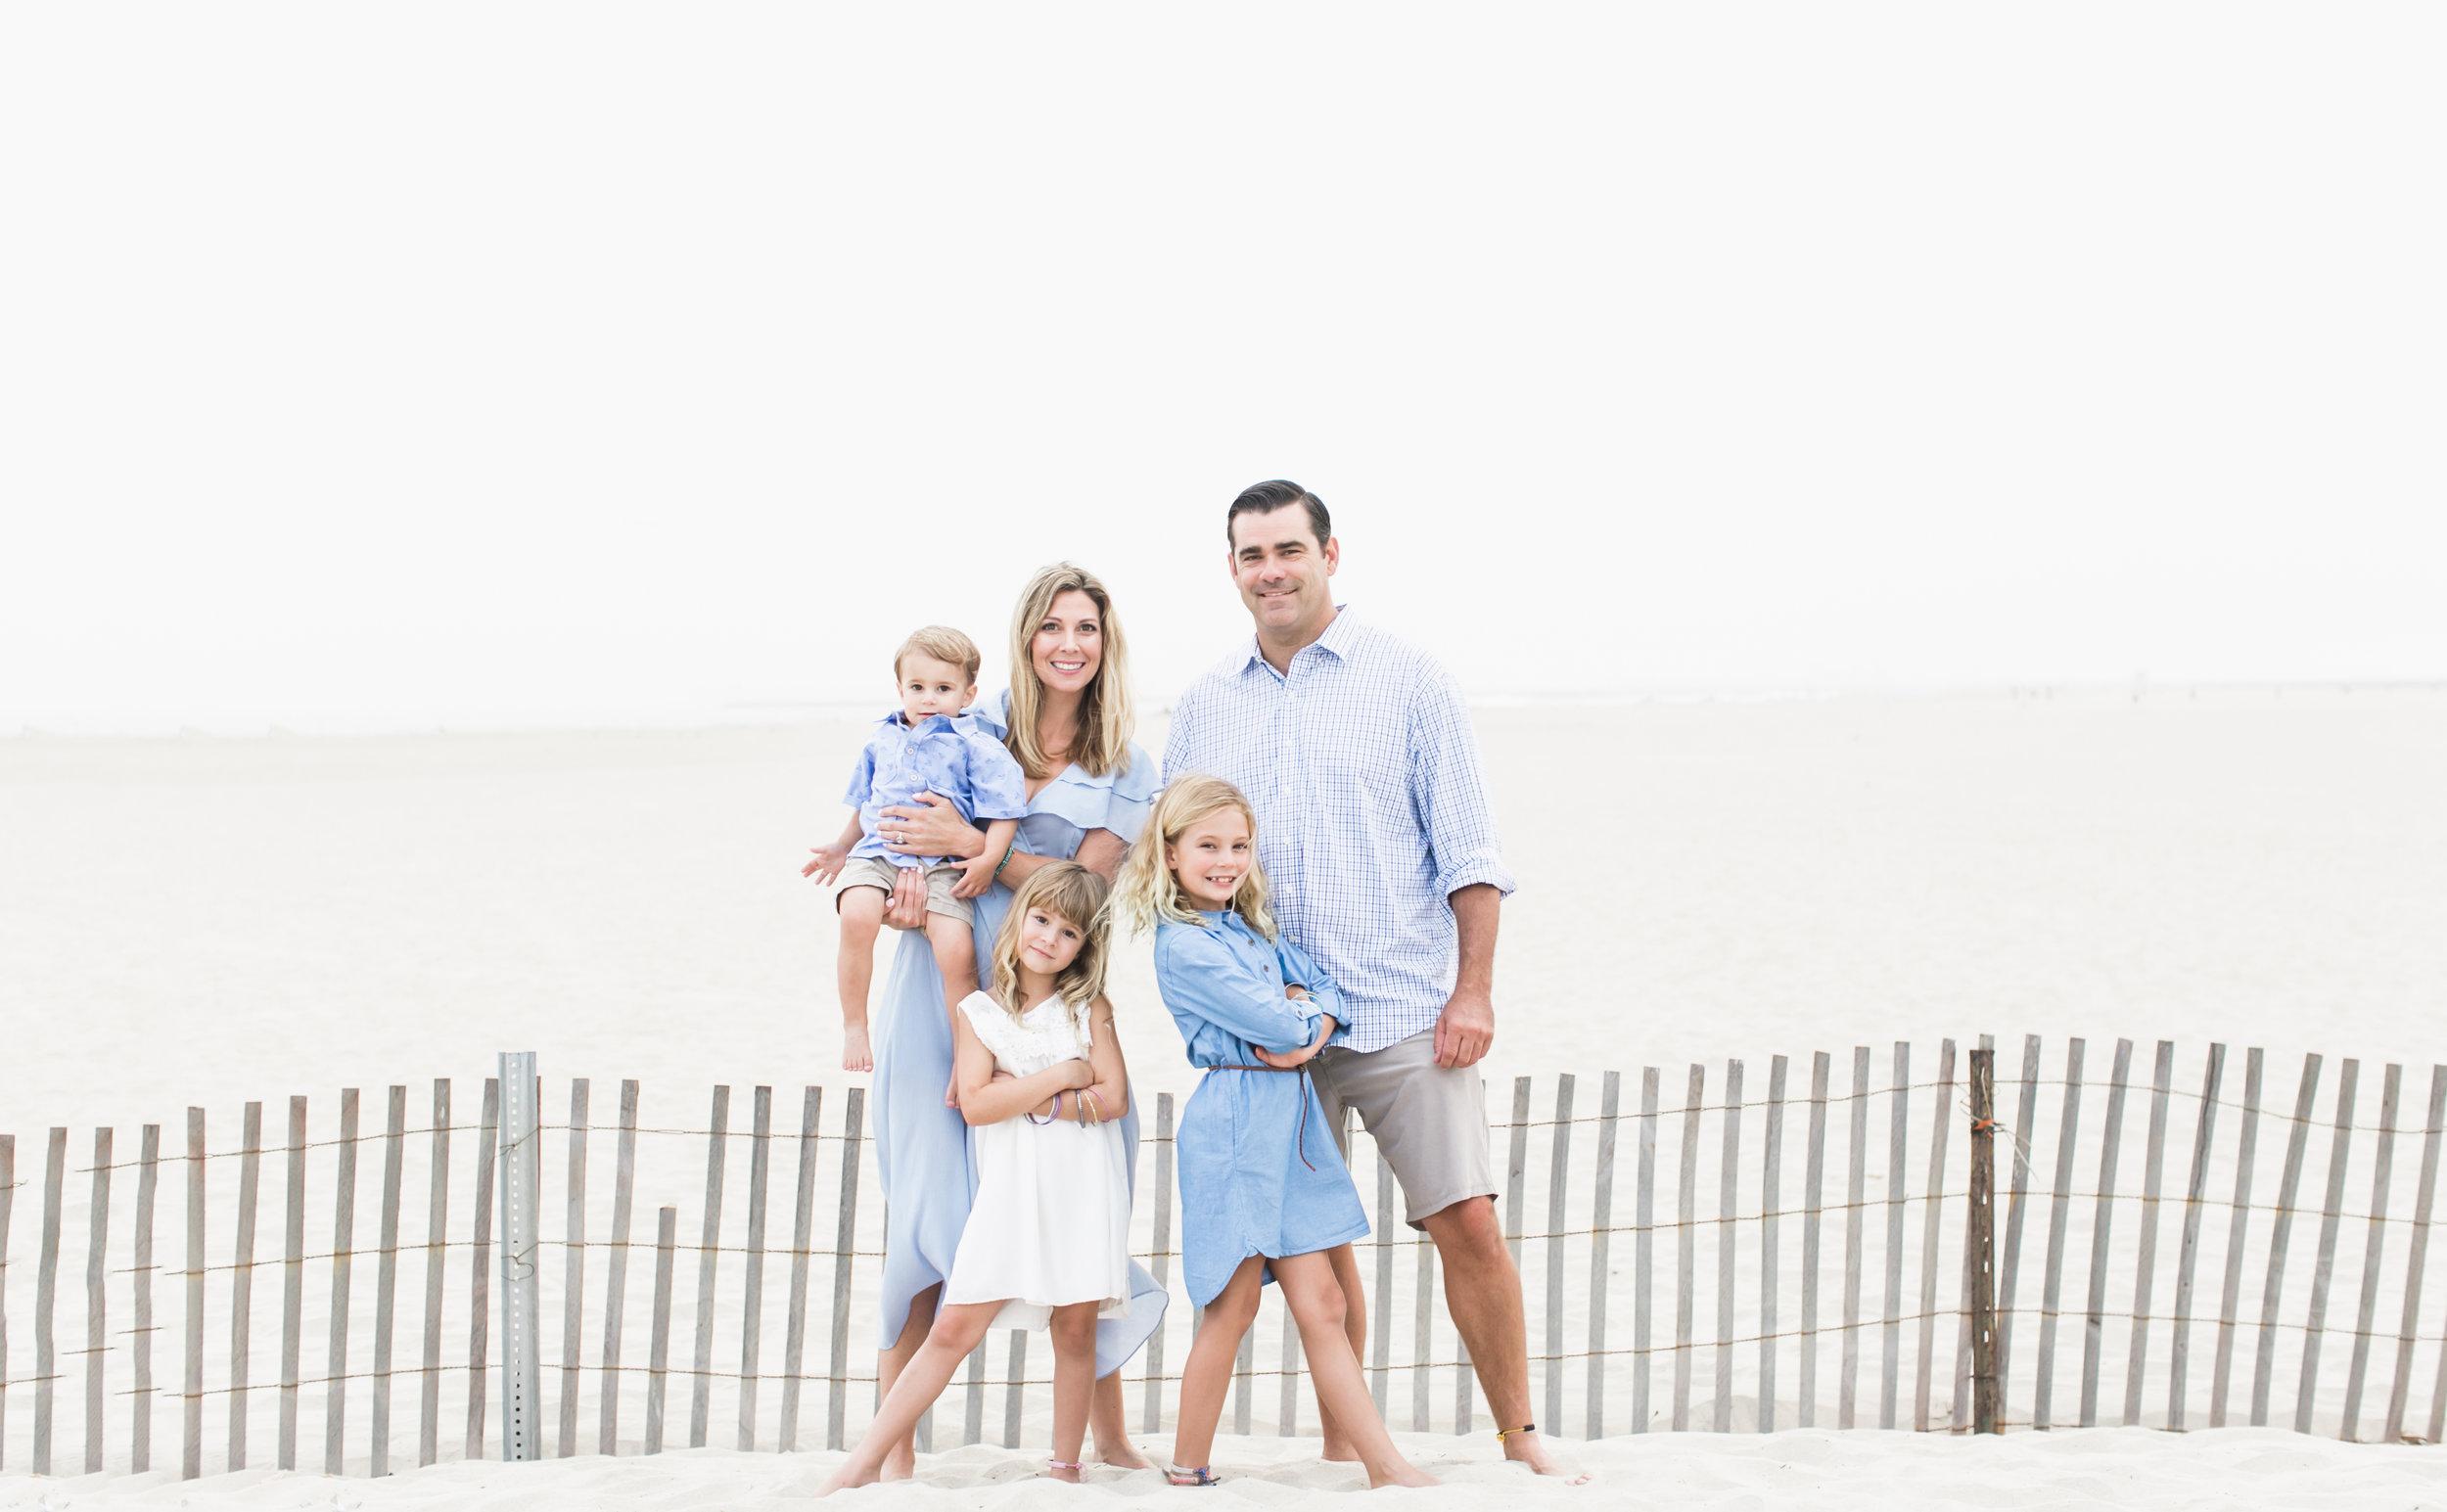 Family photos at Seal Beach Pier.